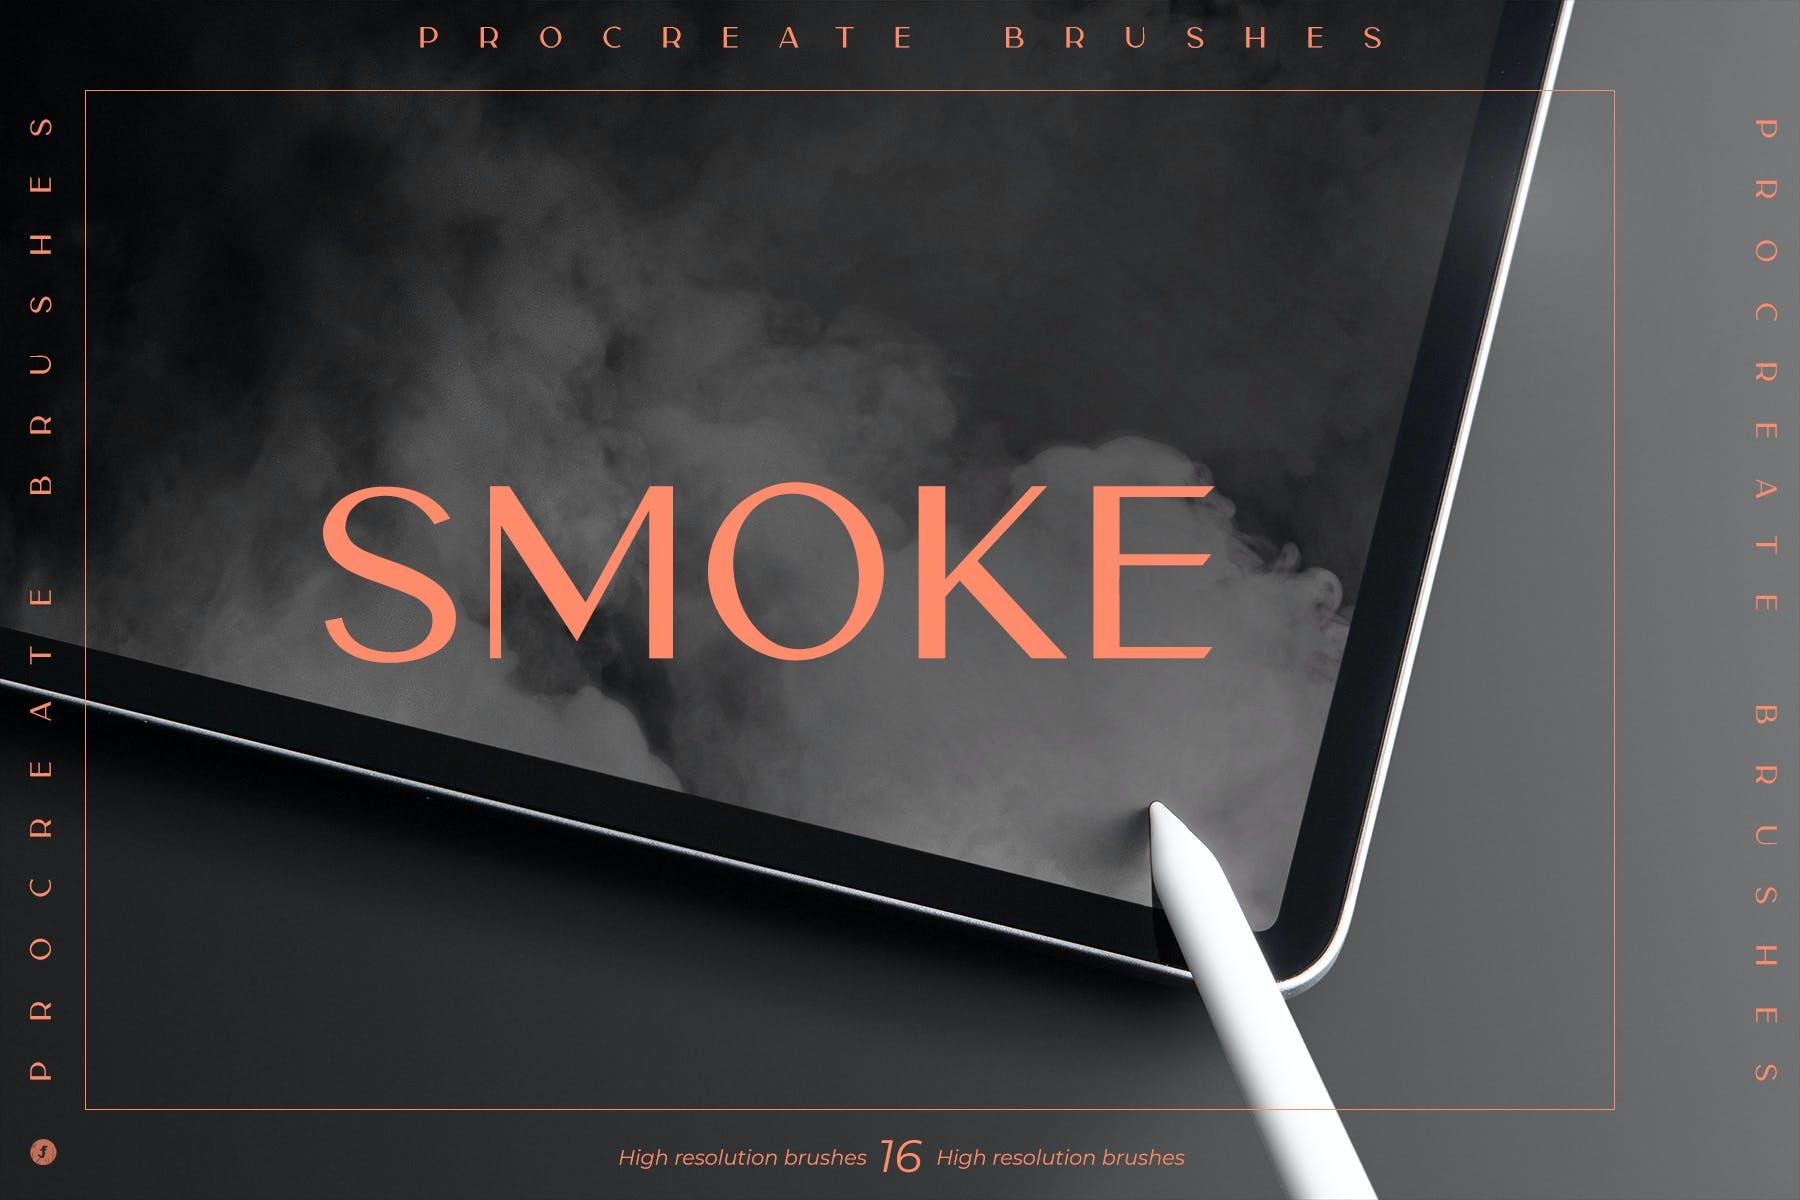 Smoke Procreate Brushes